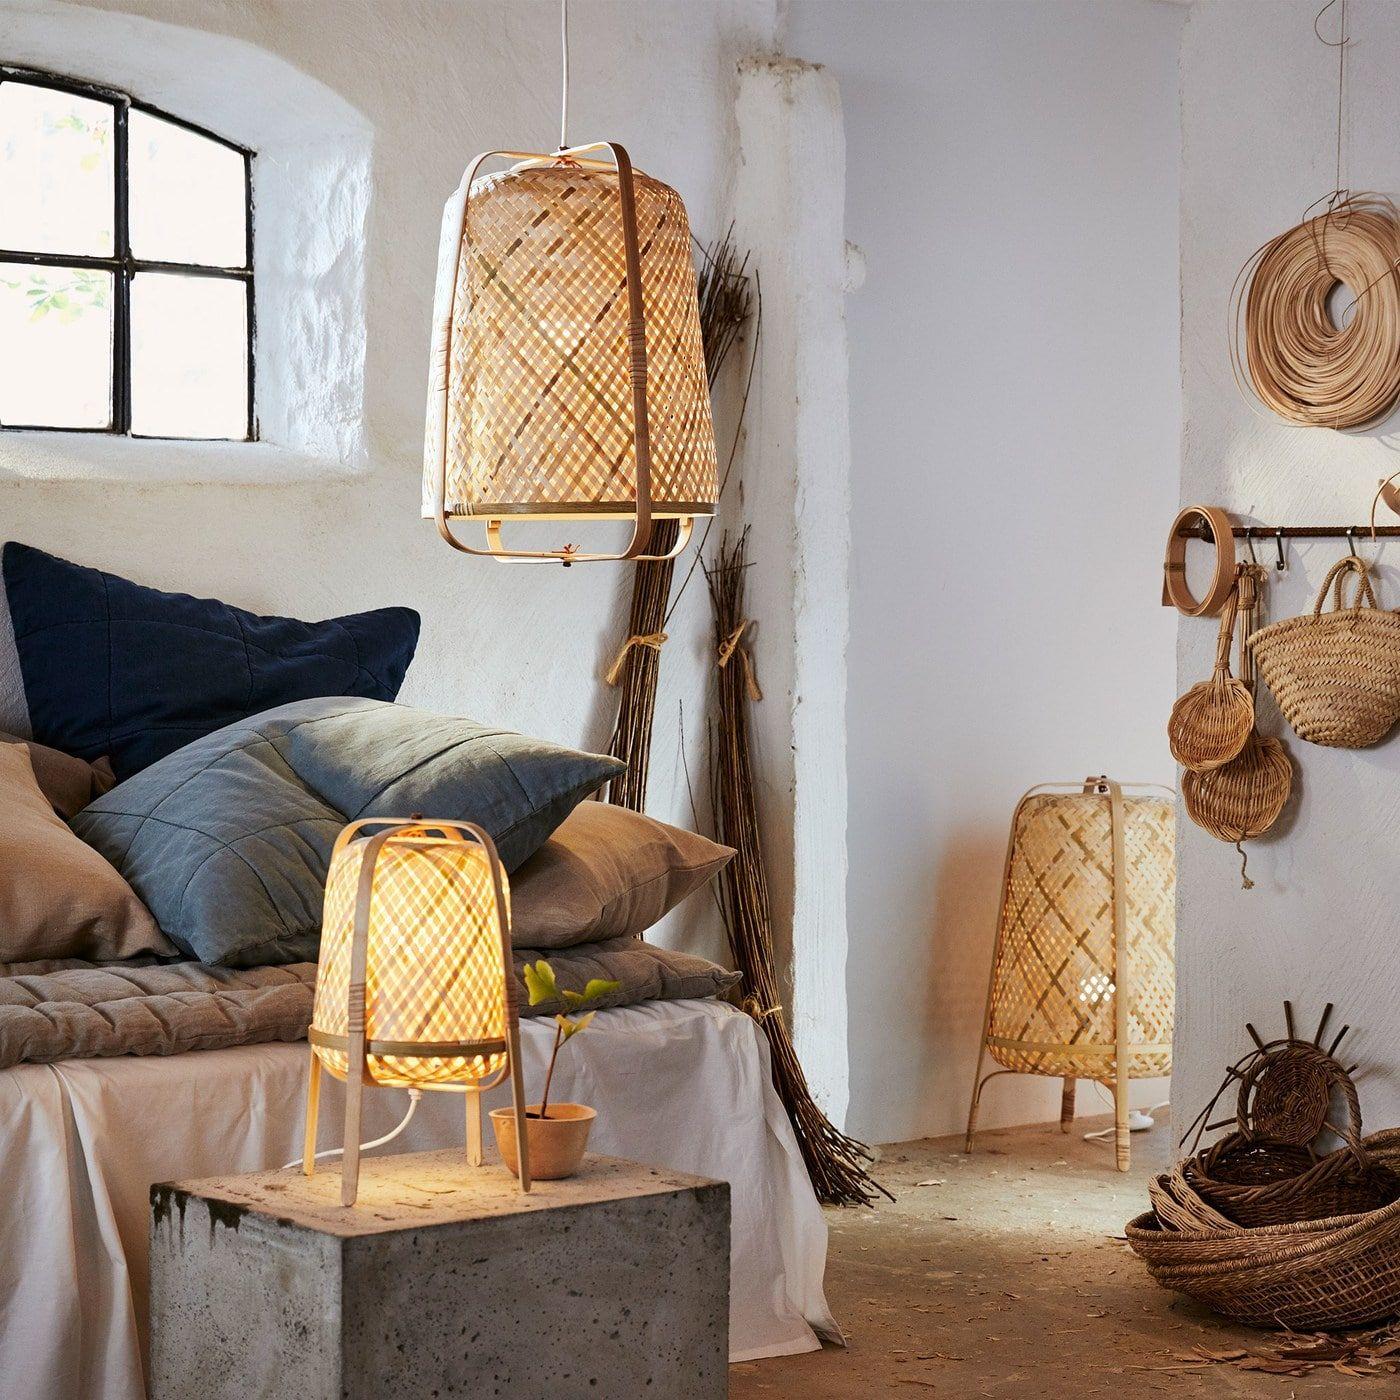 Ilumina tu casa con bambú y personalidad   Lampara de bambu